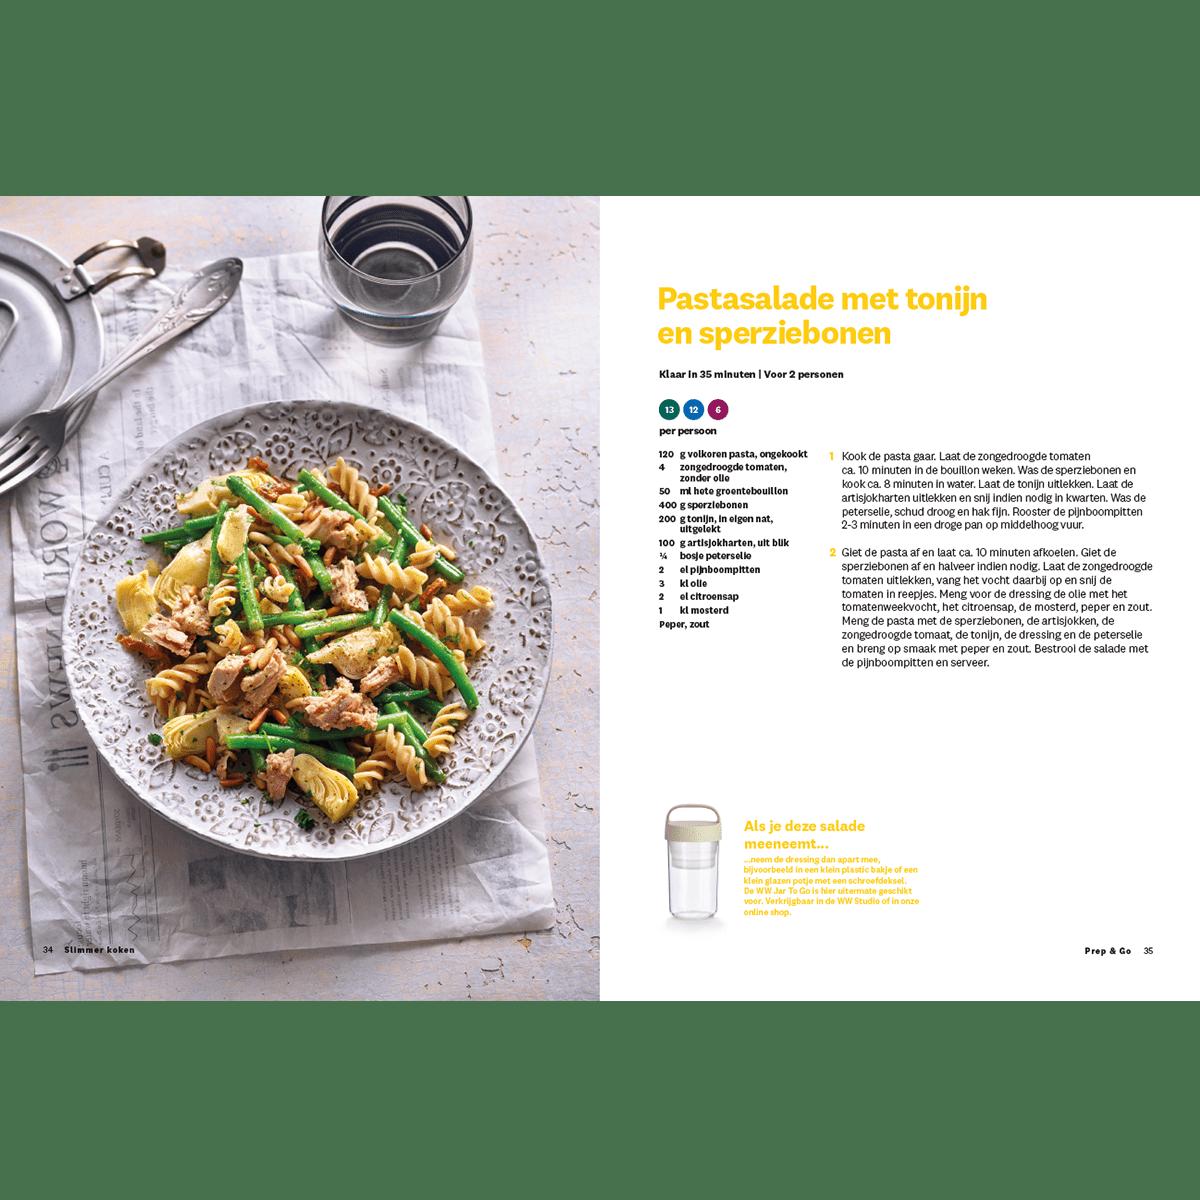 Slimmer Koken pastasalade met tonijn en sperziebonen